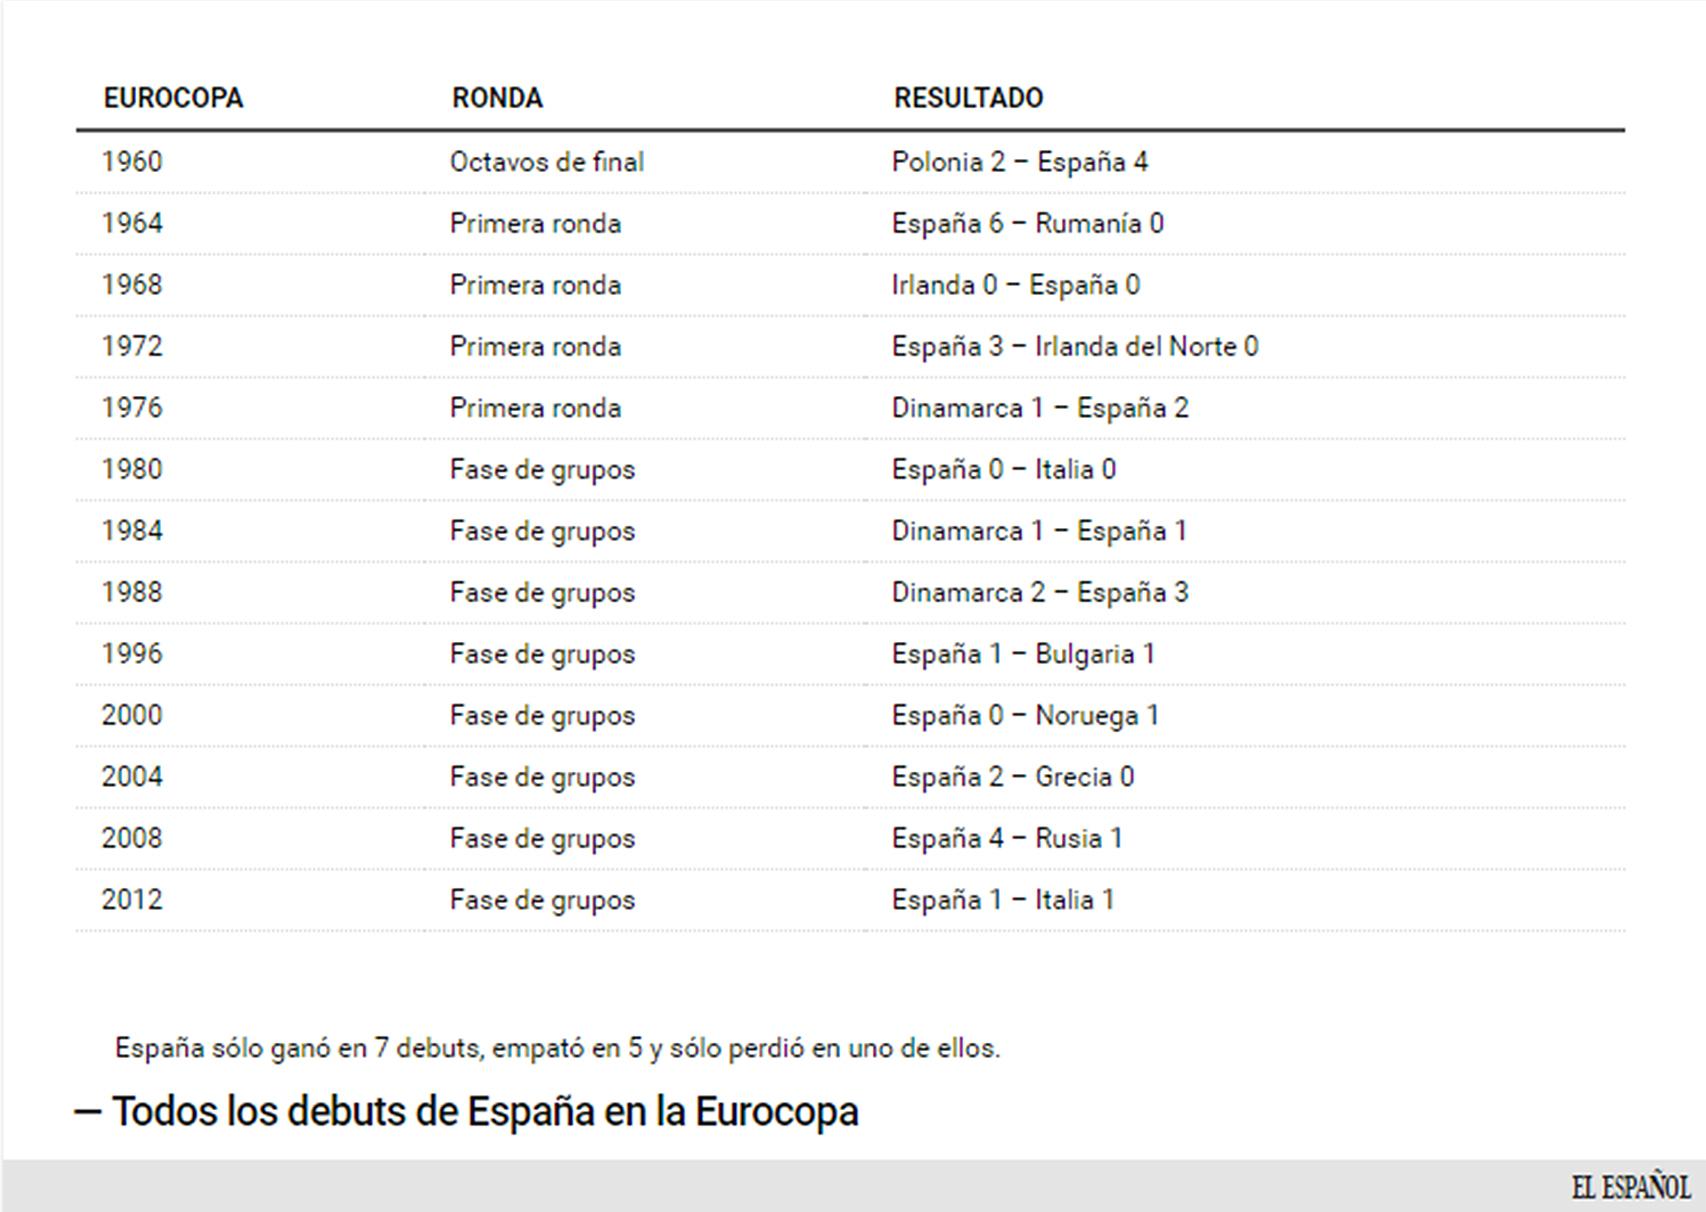 Debuts de España en todas las Eurocopas en que ha participado.